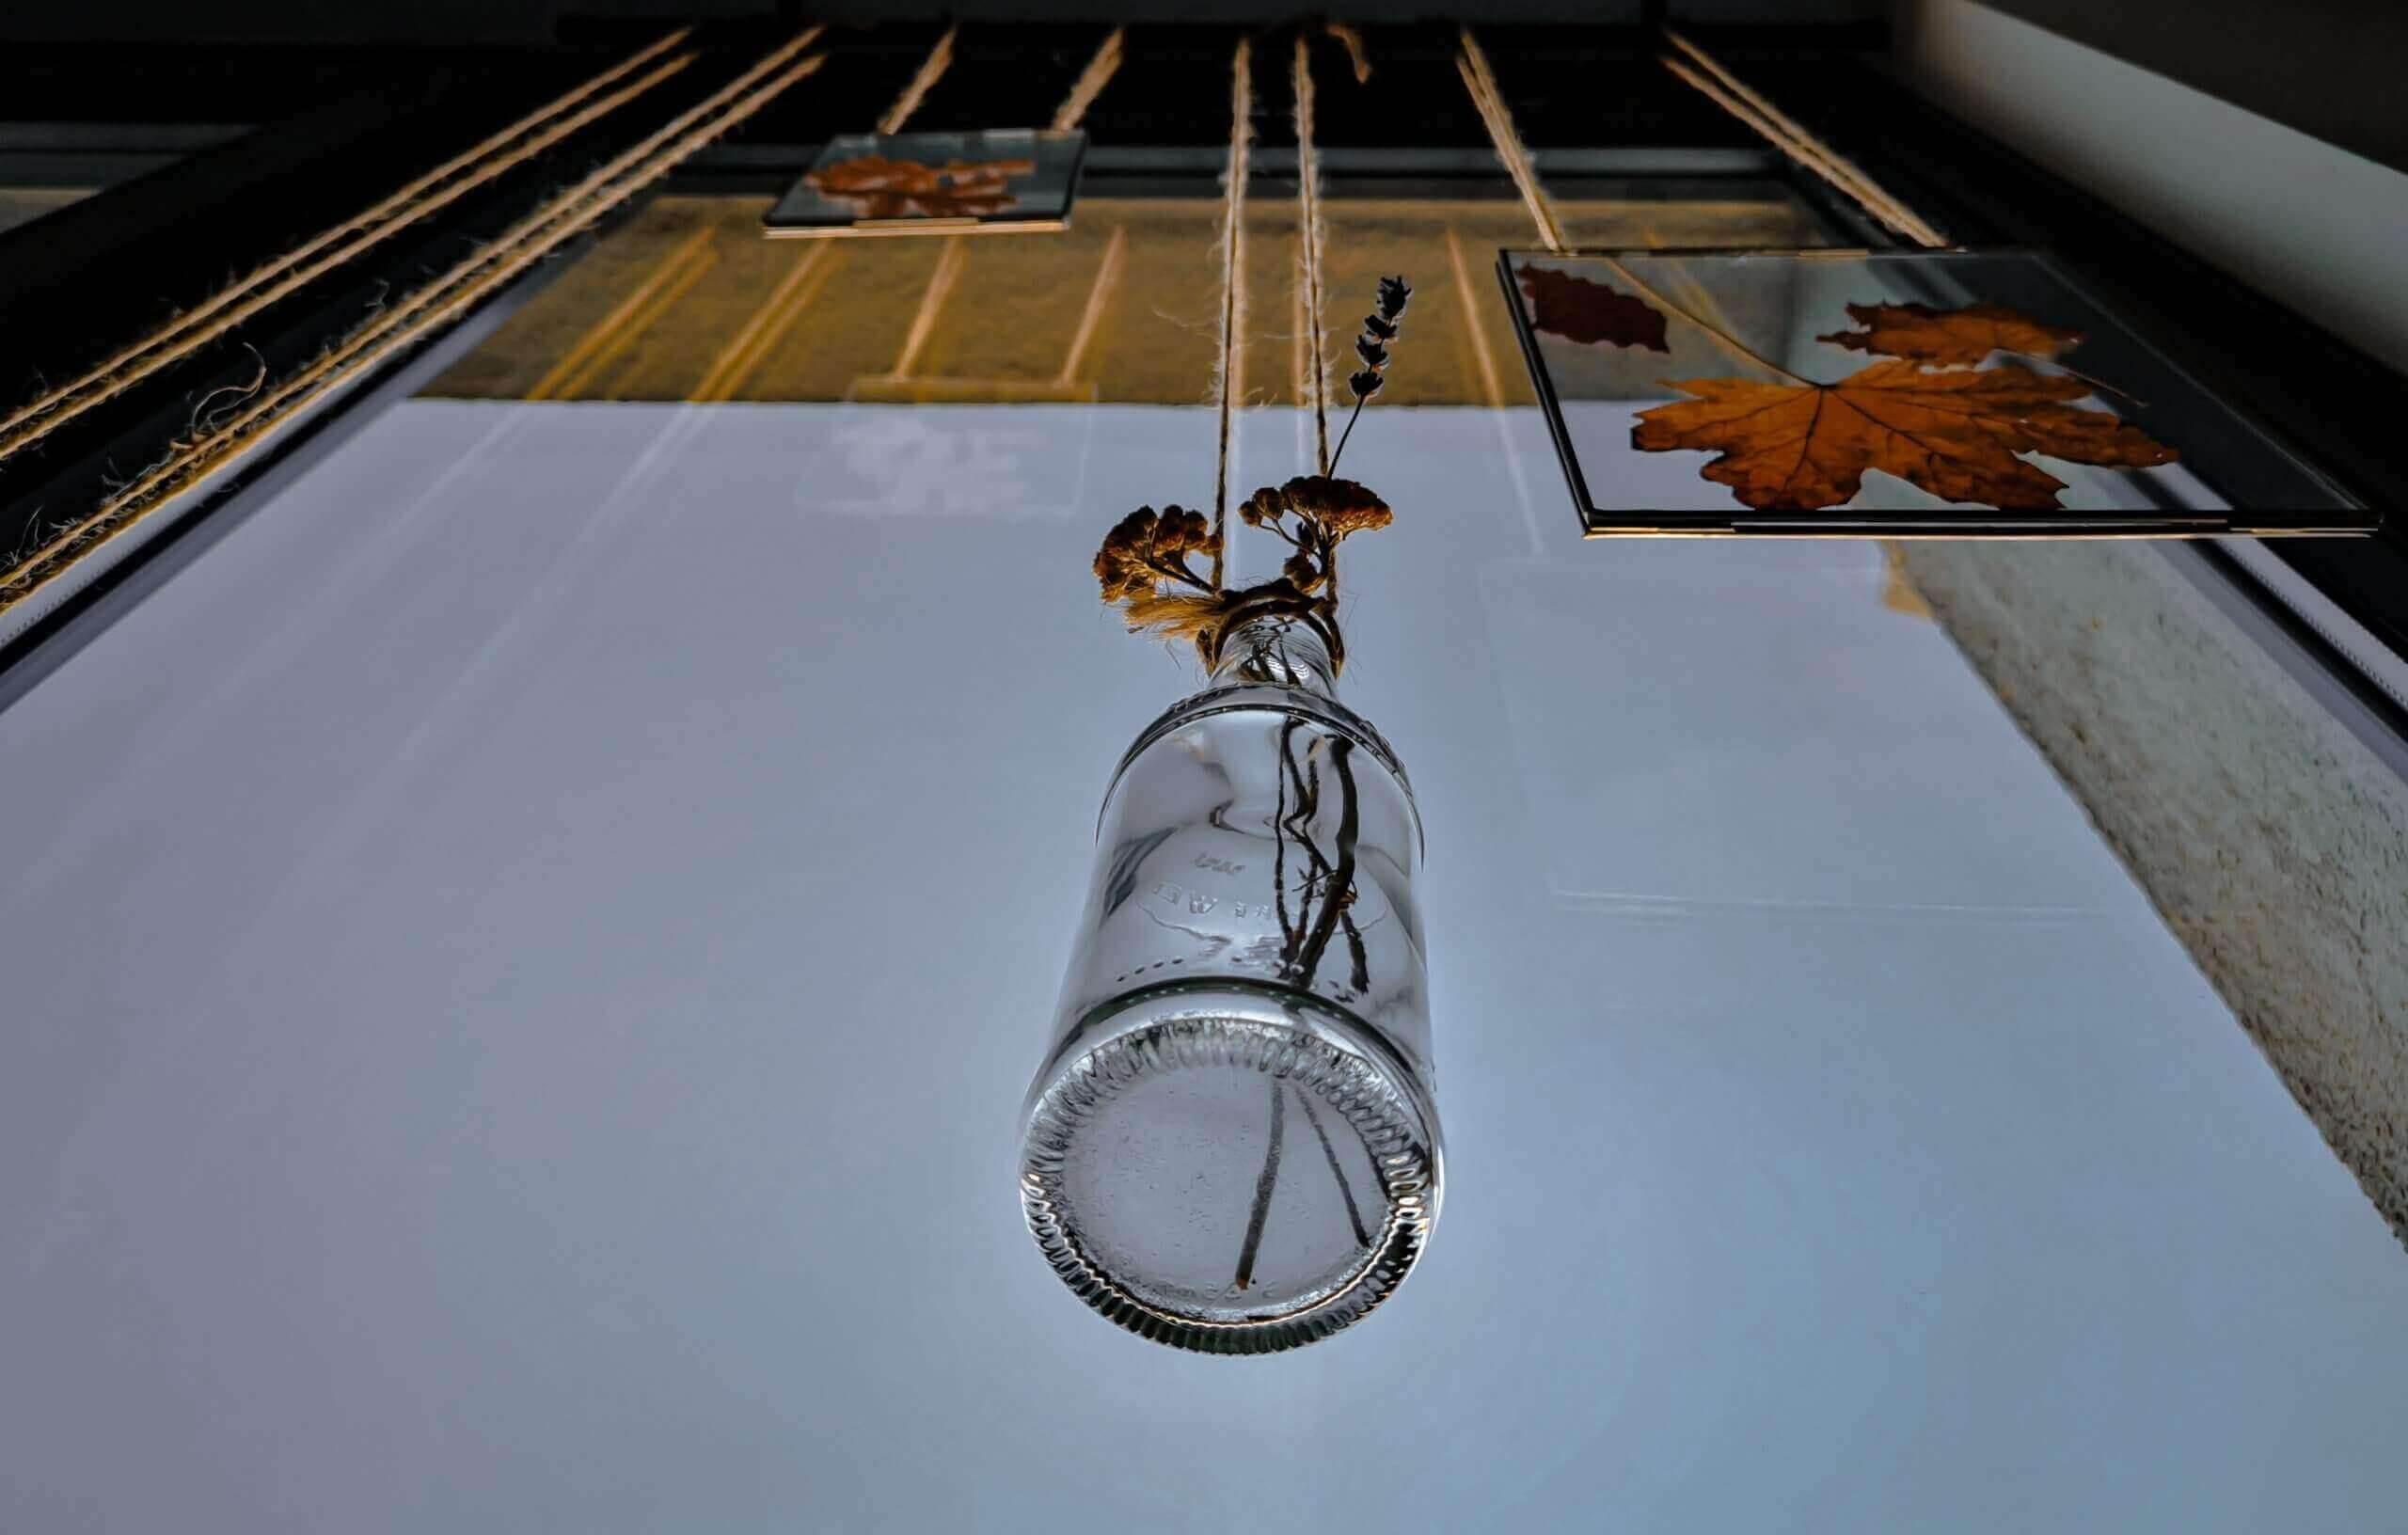 IMG 20200208 154009 1 scaled e1591346271989 - Botanický windowstyling: Vymeňte záclony za okenný herbár